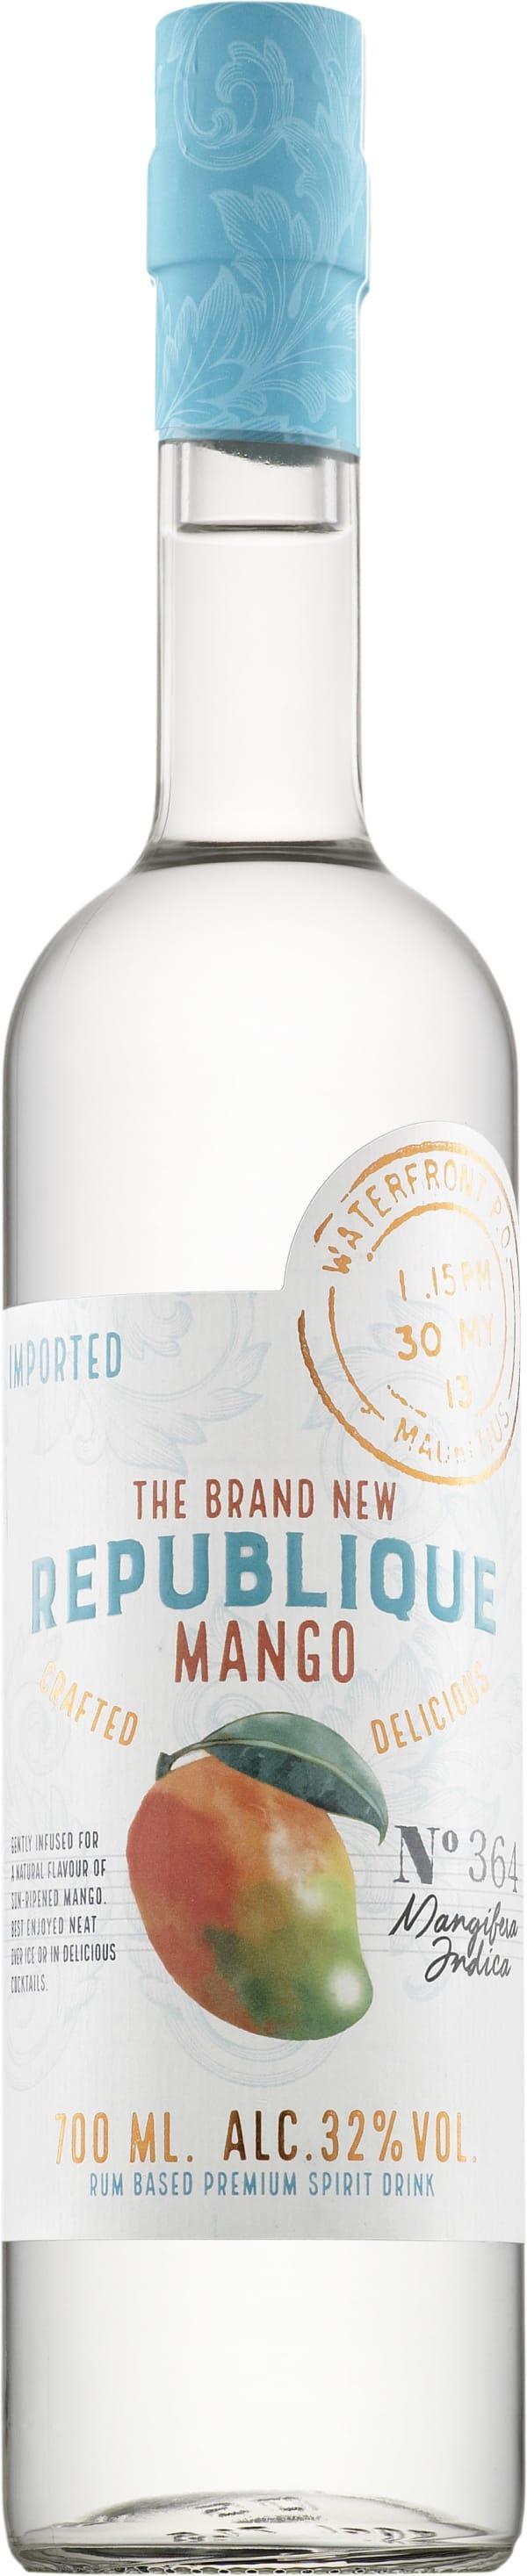 The Brand New Republique Mango